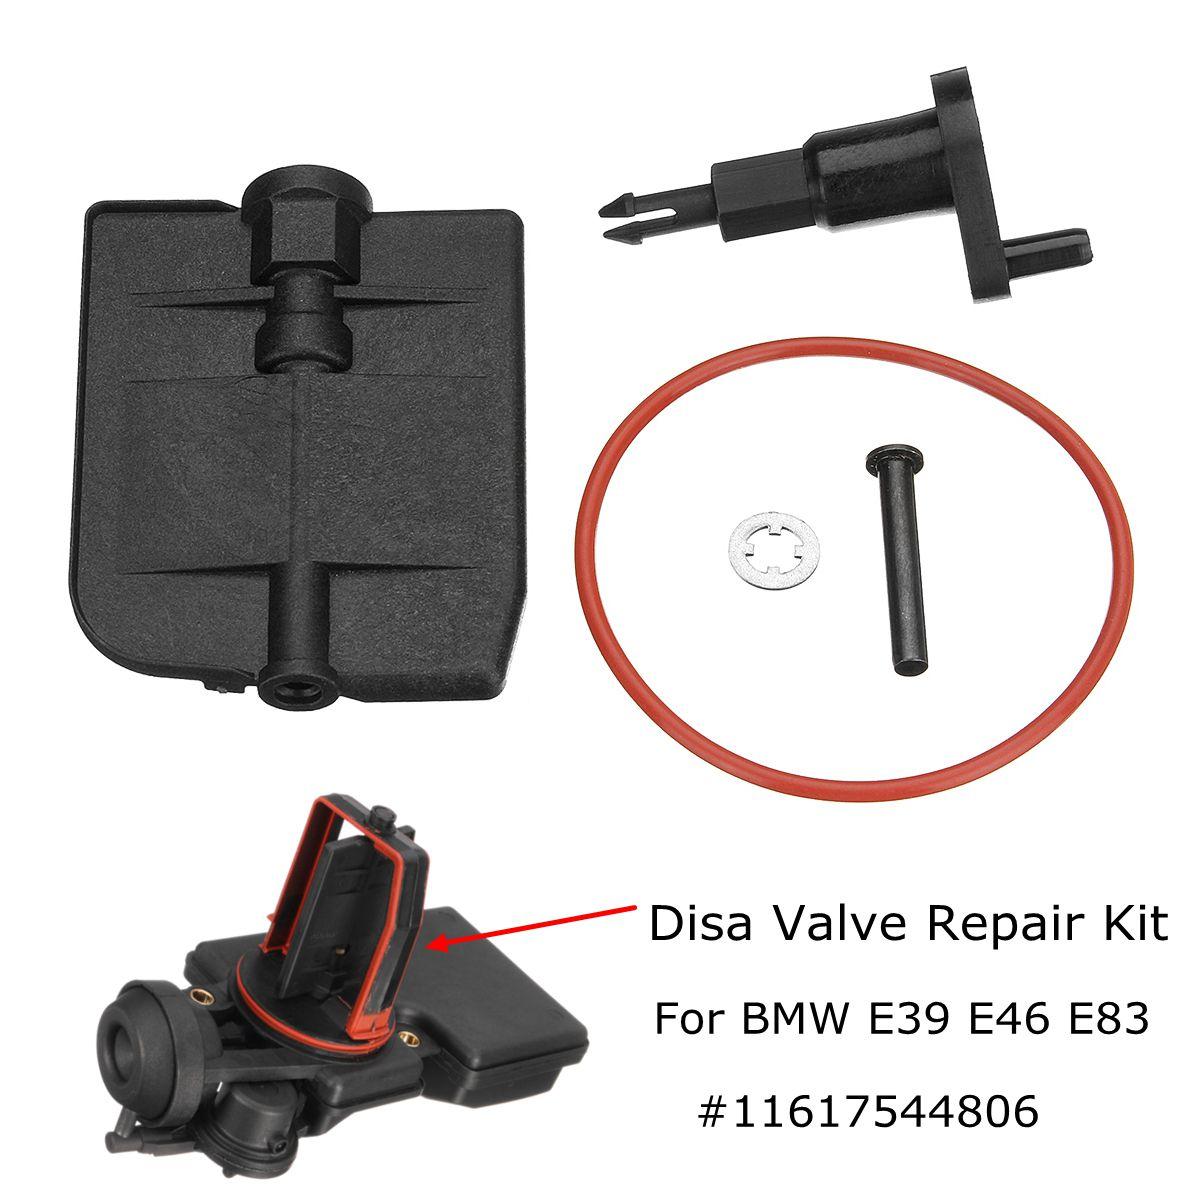 Coletor de admissão disa kit de reparo da válvula 11617544806 para bmw e39 e46 e83 325i 525i m54 2.5 2001-2006